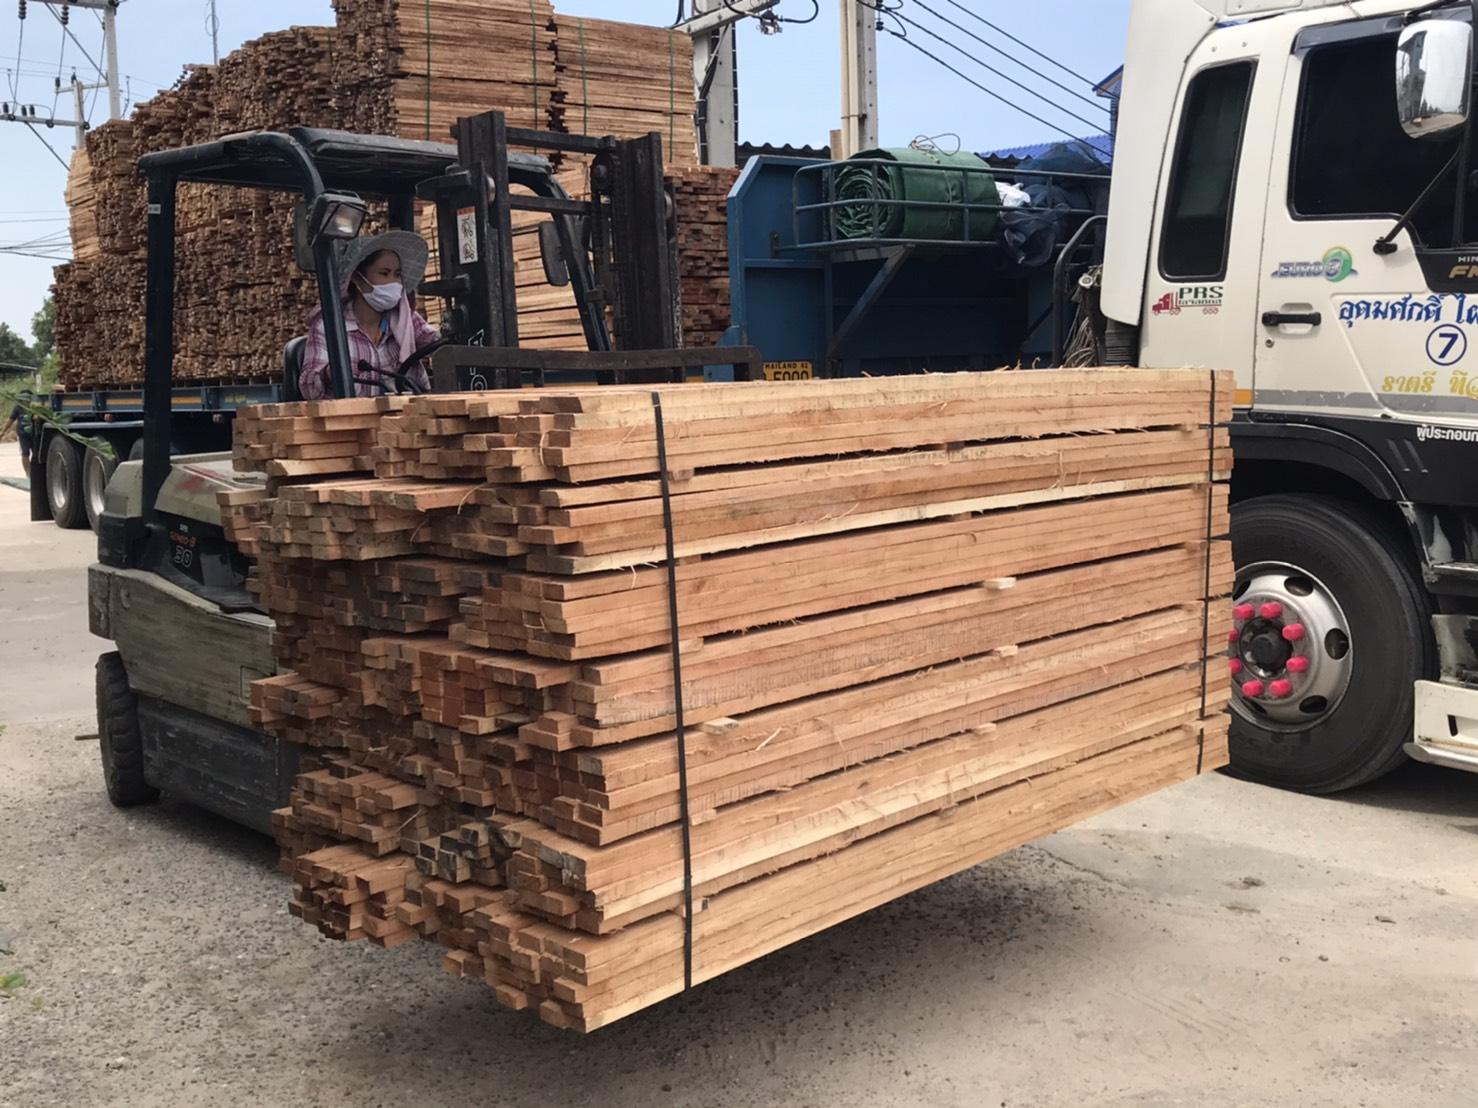 SIAM PACKING CENTER | ผู้ผลิตและจำหน่าย พาเลทไม้ ลังทึบ ลังโปร่ง